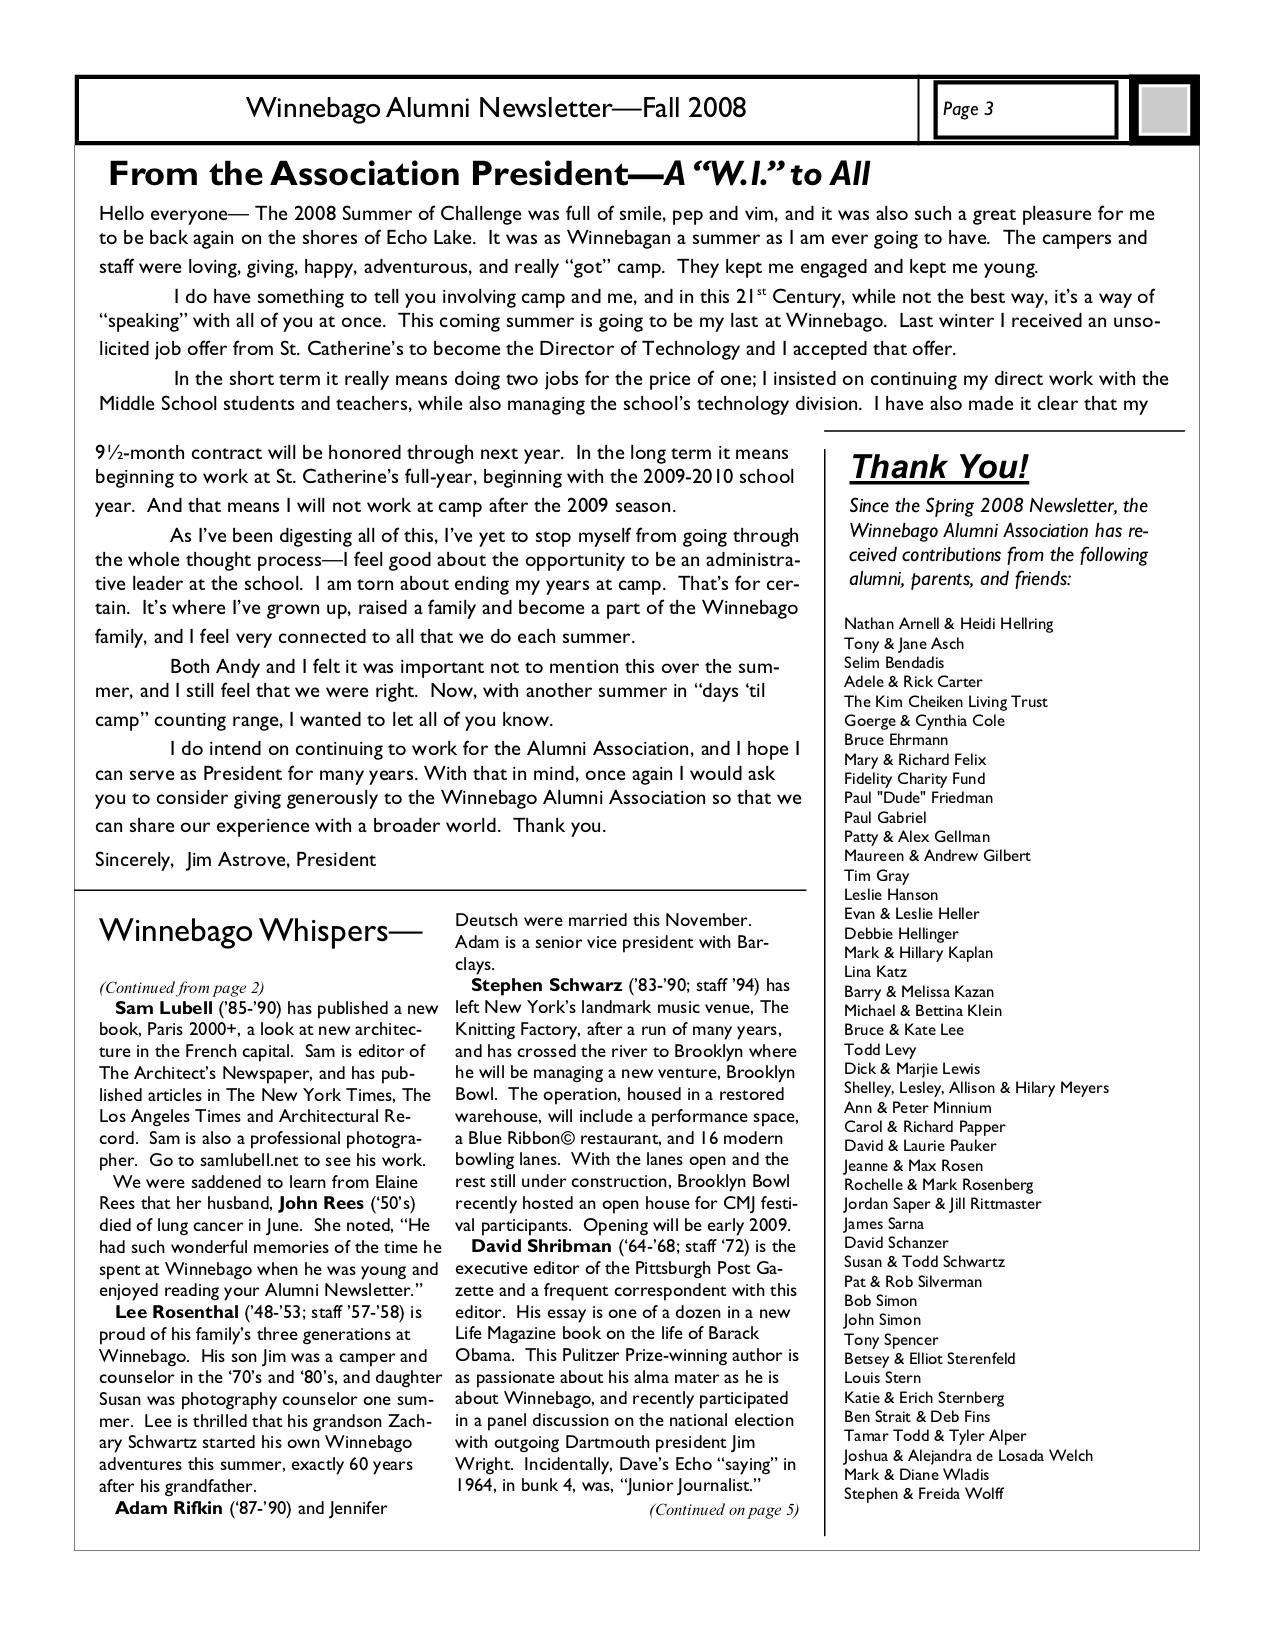 2008 Fall Newsletter 3.jpg